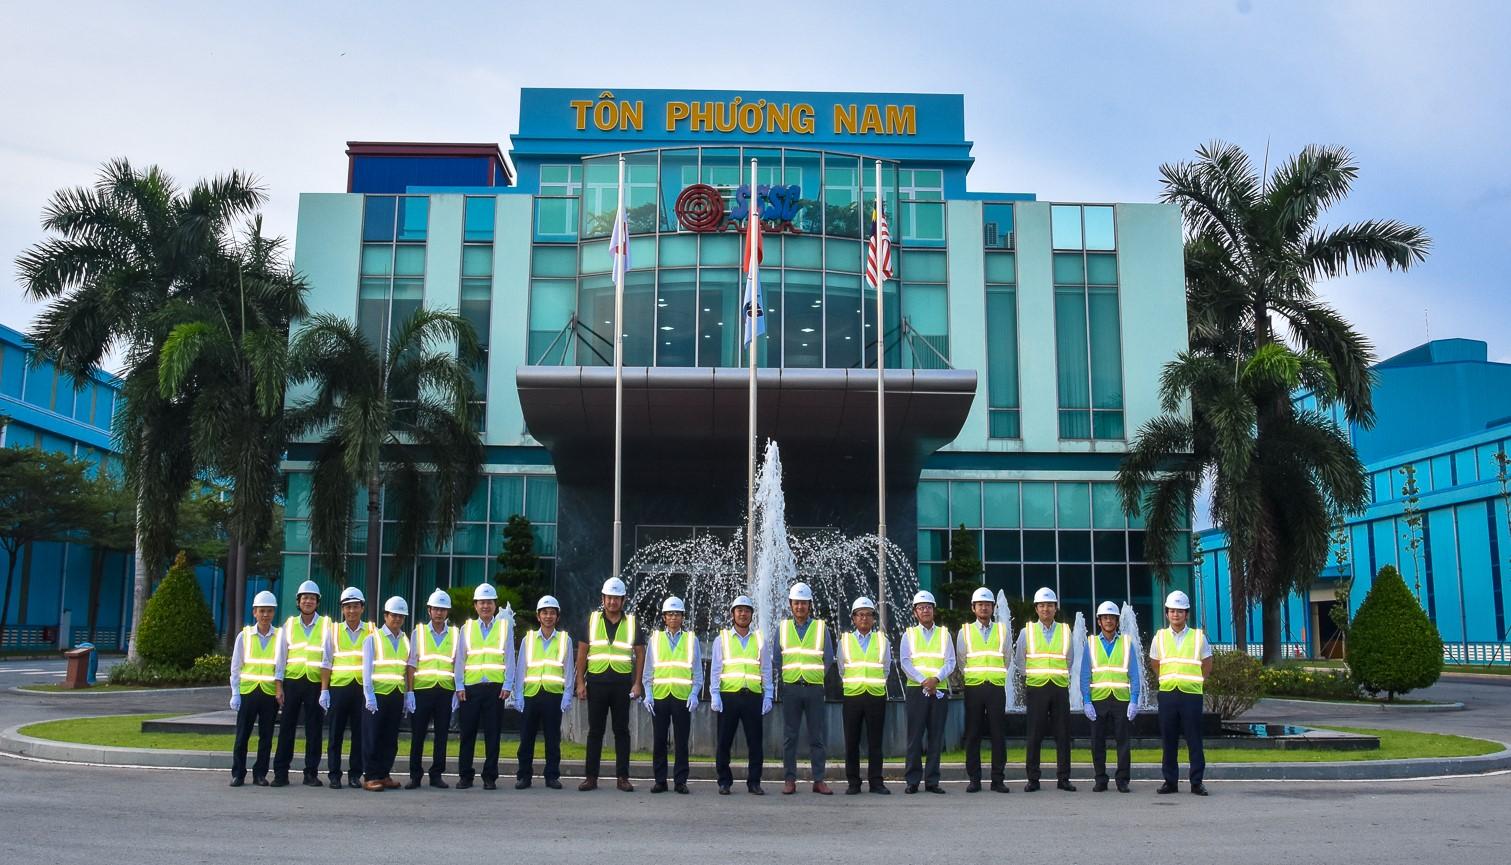 Cuộc họp giữa Ban TGĐ SSSC và Lãnh đạo Công ty TNHH Thép Vina Kyoei ngày 28 tháng 10 năm 2020